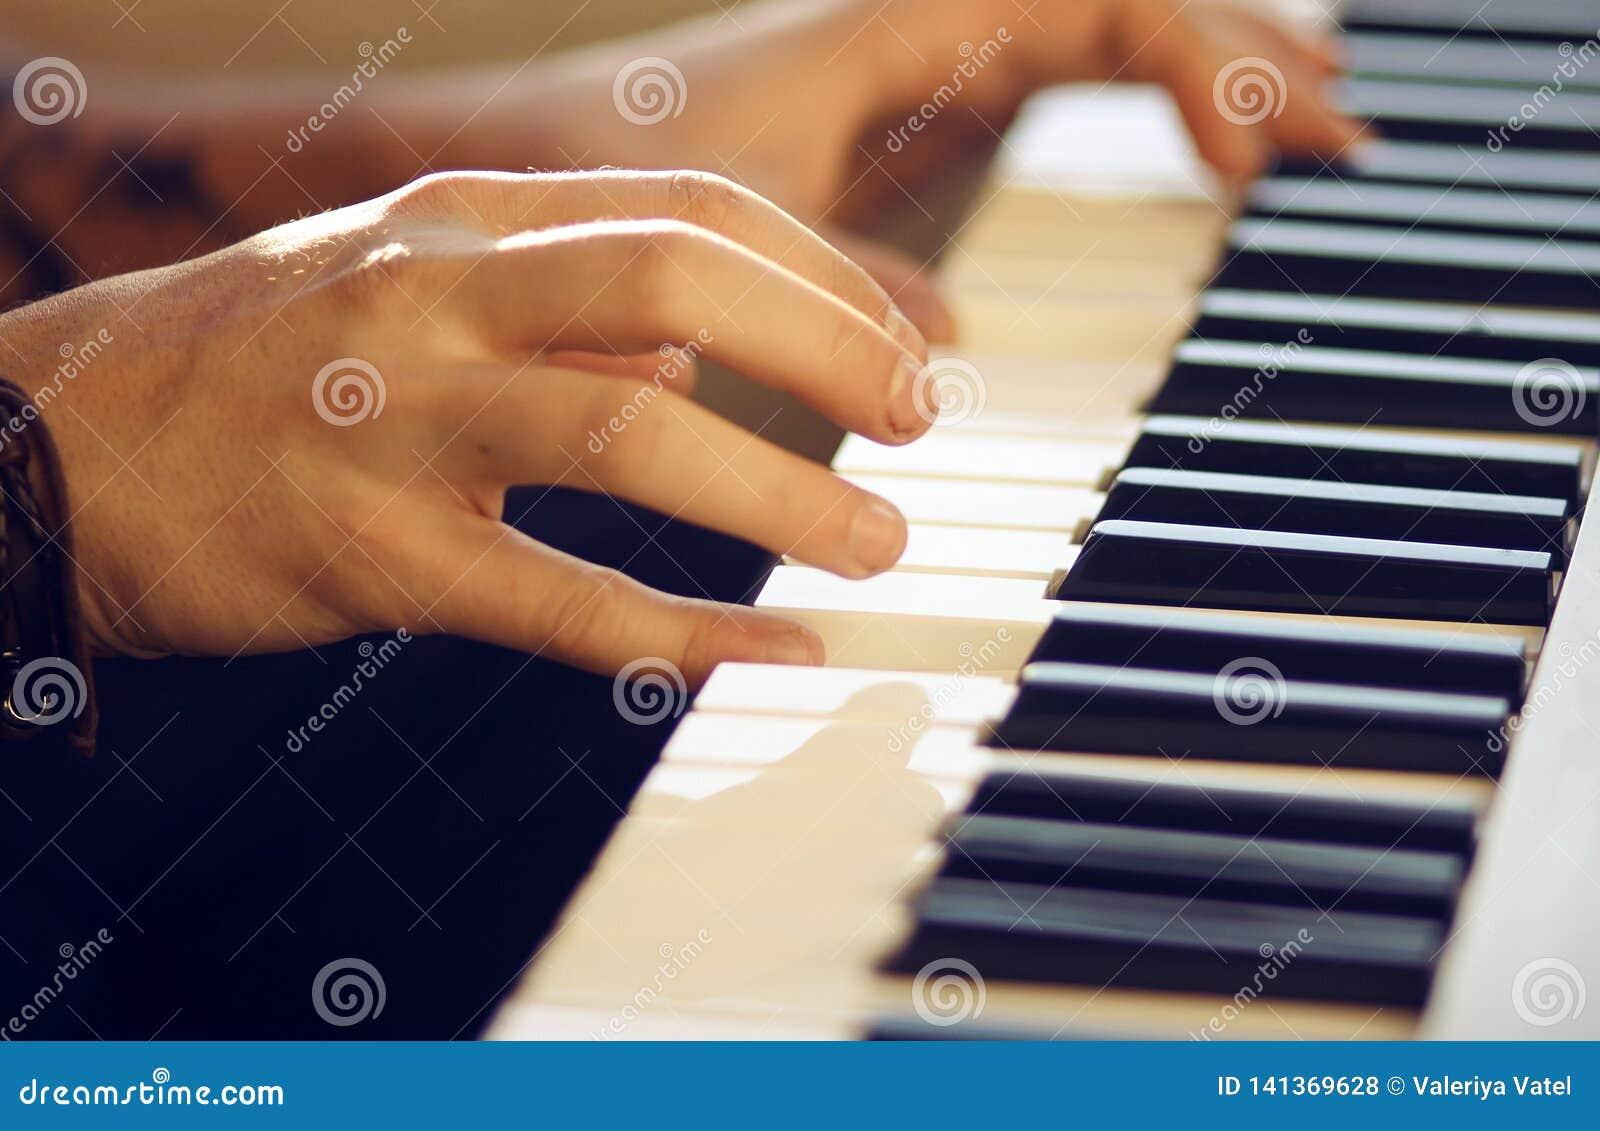 Op een muzikale mensenspelen van het toetsenbordinstrument een melodie met zijn handen